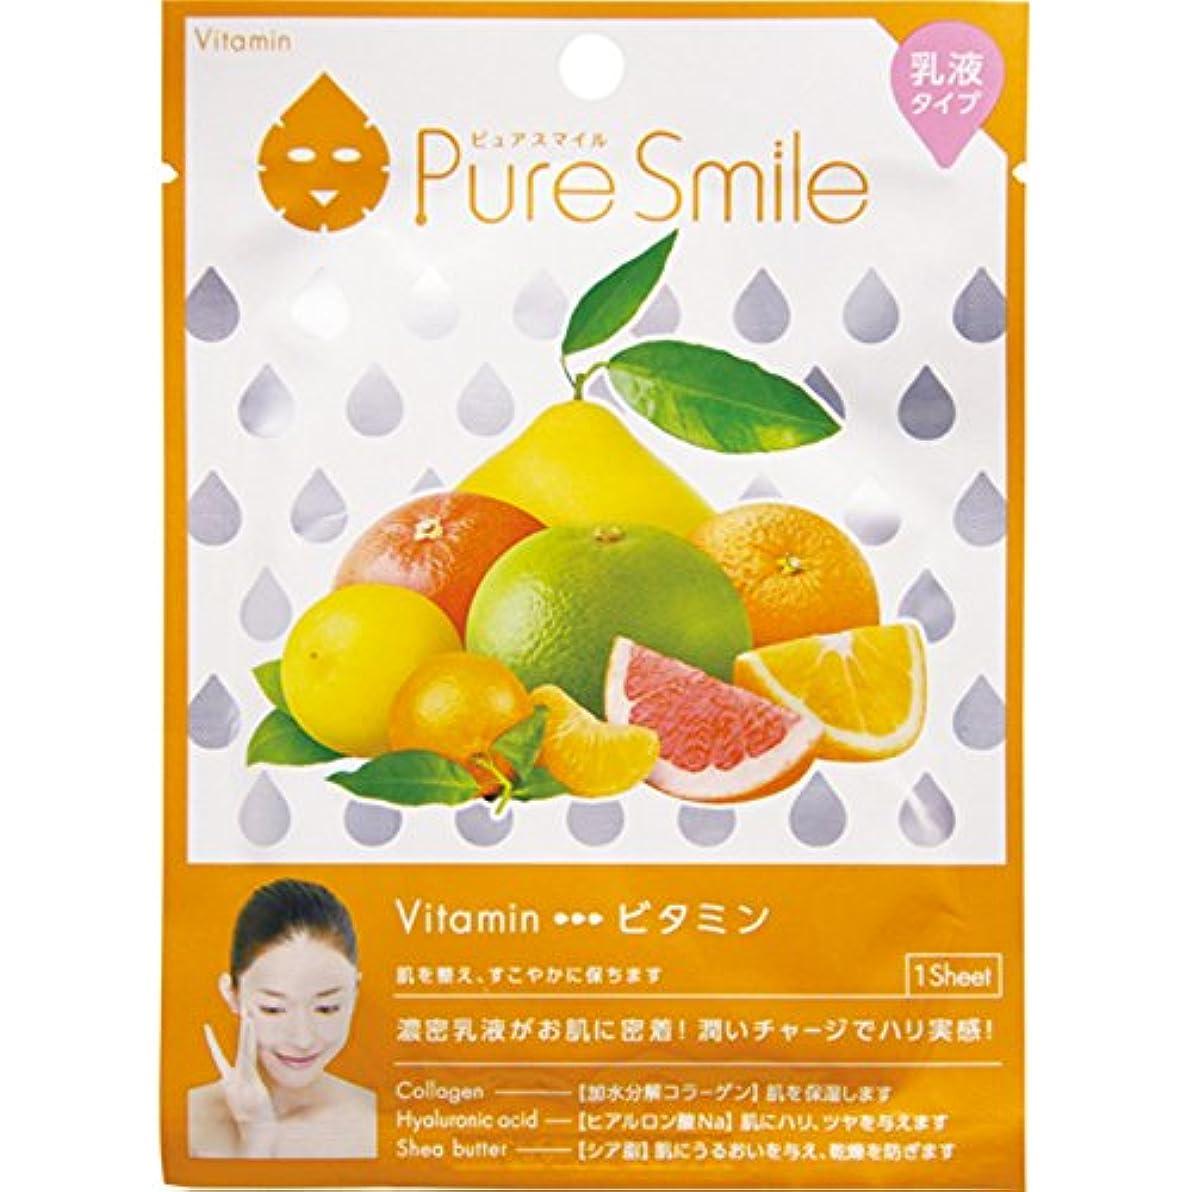 スイッチ返還高齢者ピュアスマイル 乳液エッセンスマスク ビタミン 1枚【5個セット】